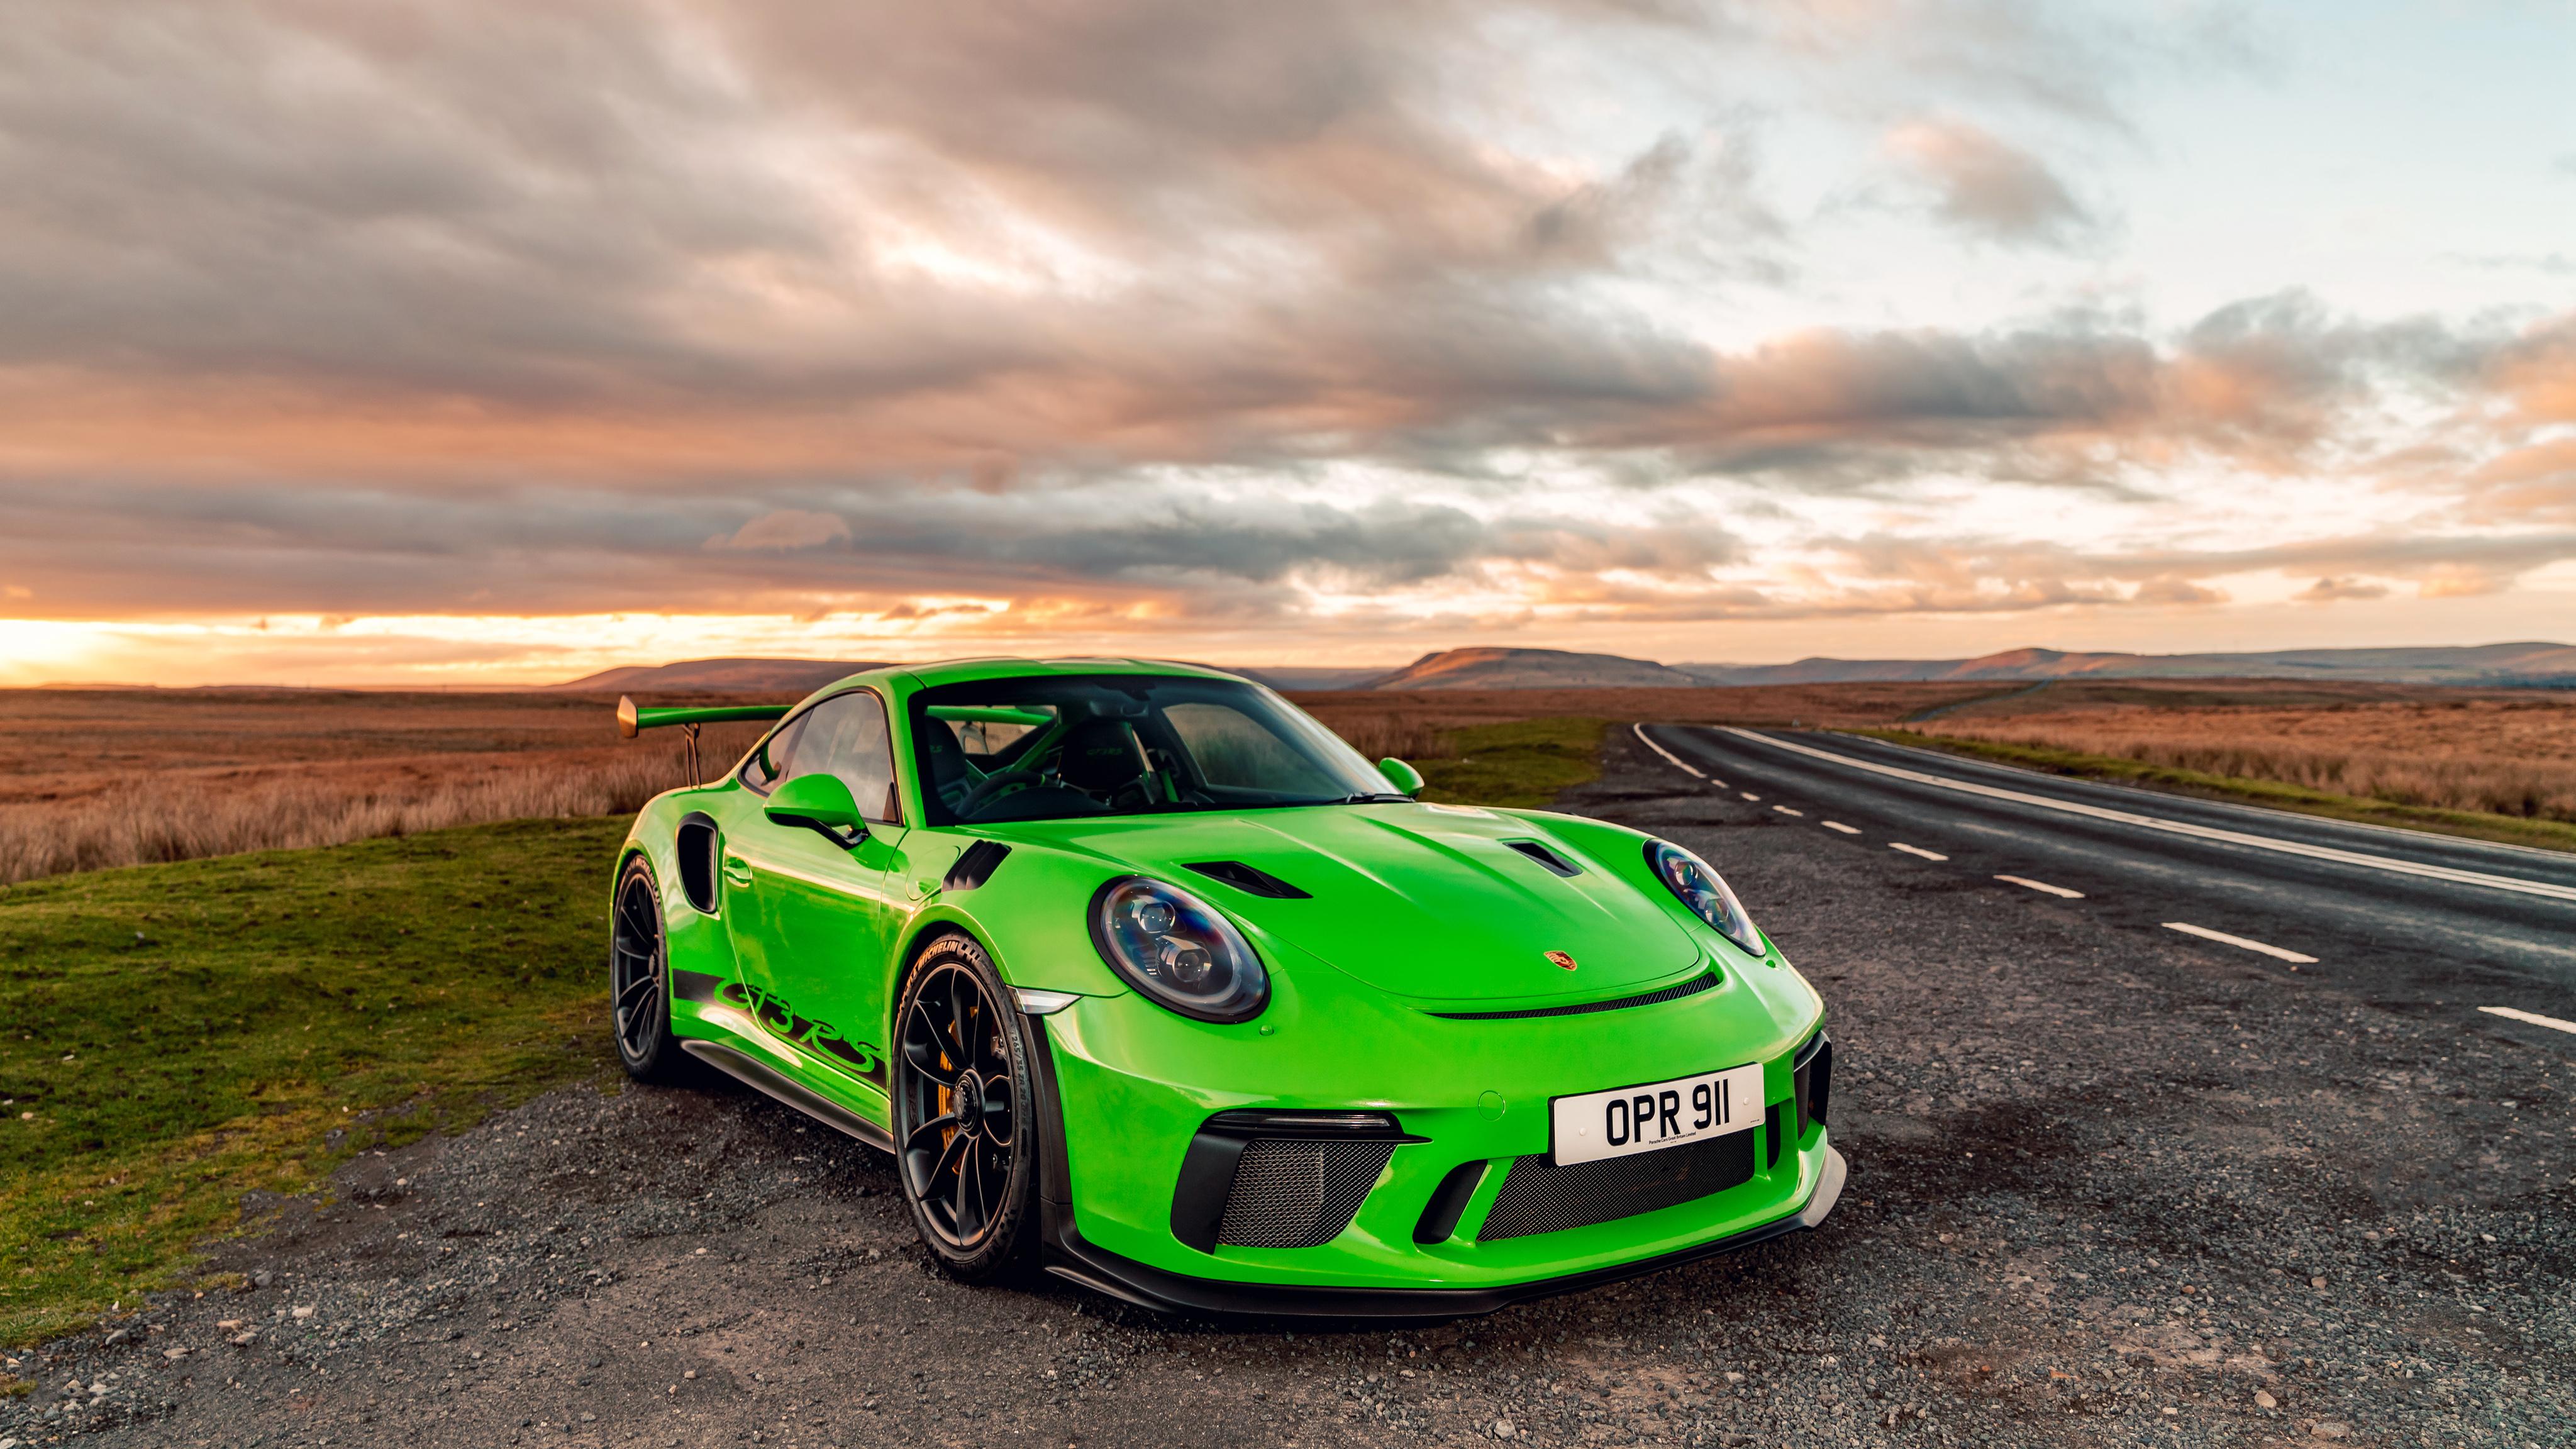 Sport Wallpaper Porsche 911: Porsche 911 GT3 RS 2019 4K Wallpaper